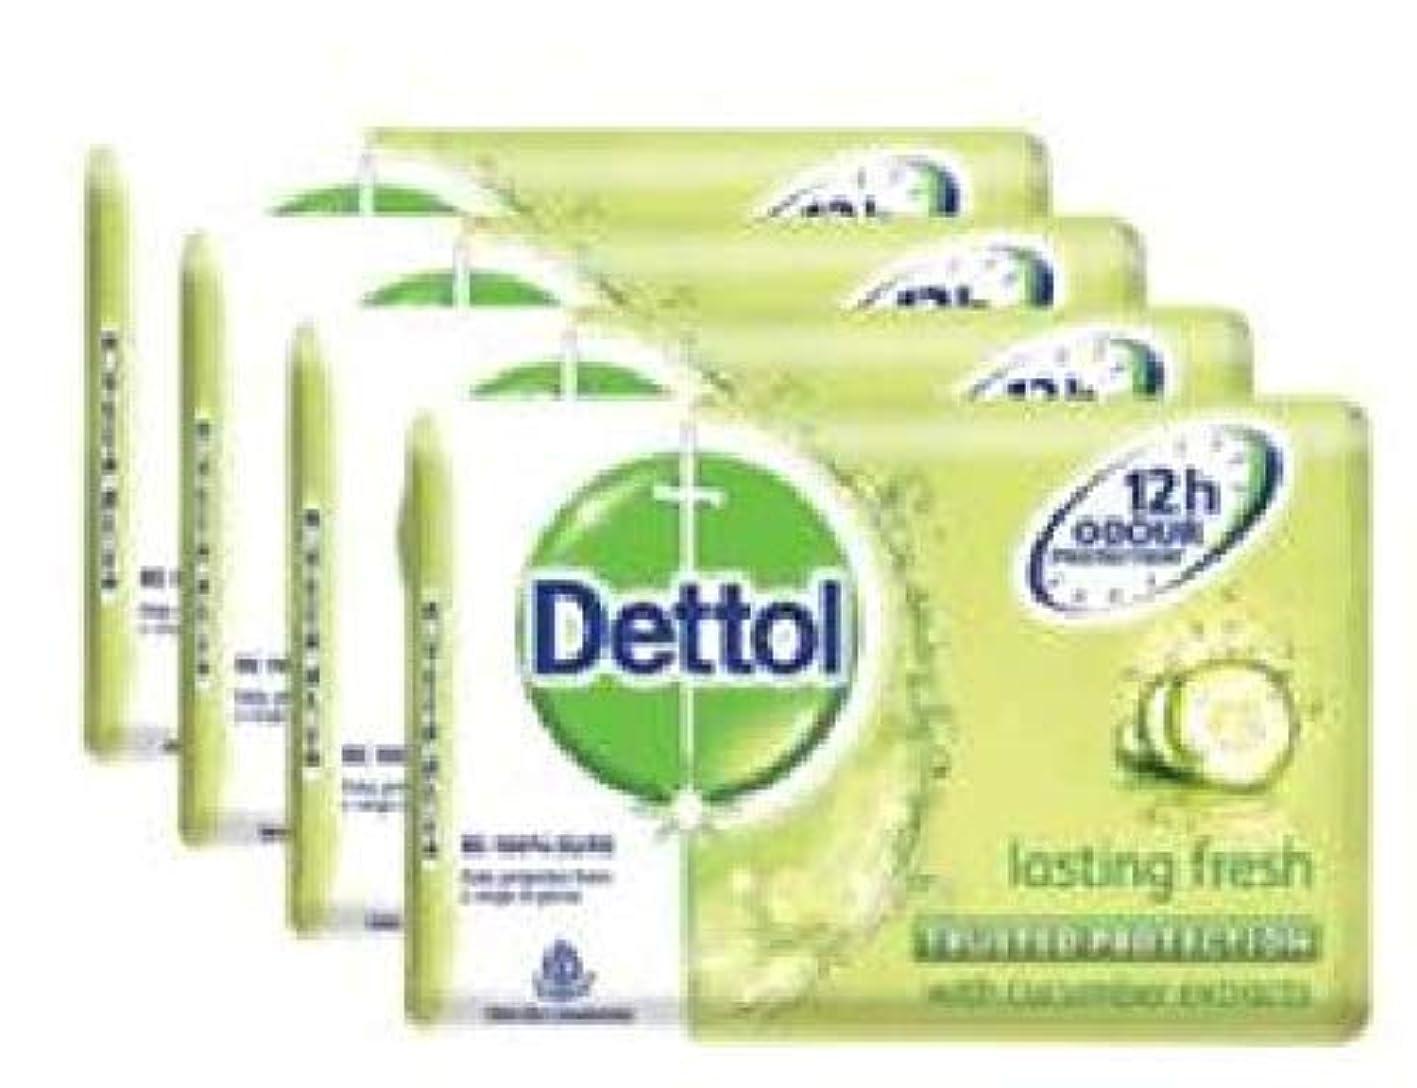 カフェ不機嫌賢いDettol 新鮮4x105g-を持続固形石鹸は、あなたが自由生殖続け、石鹸は肌にもとても優しいです